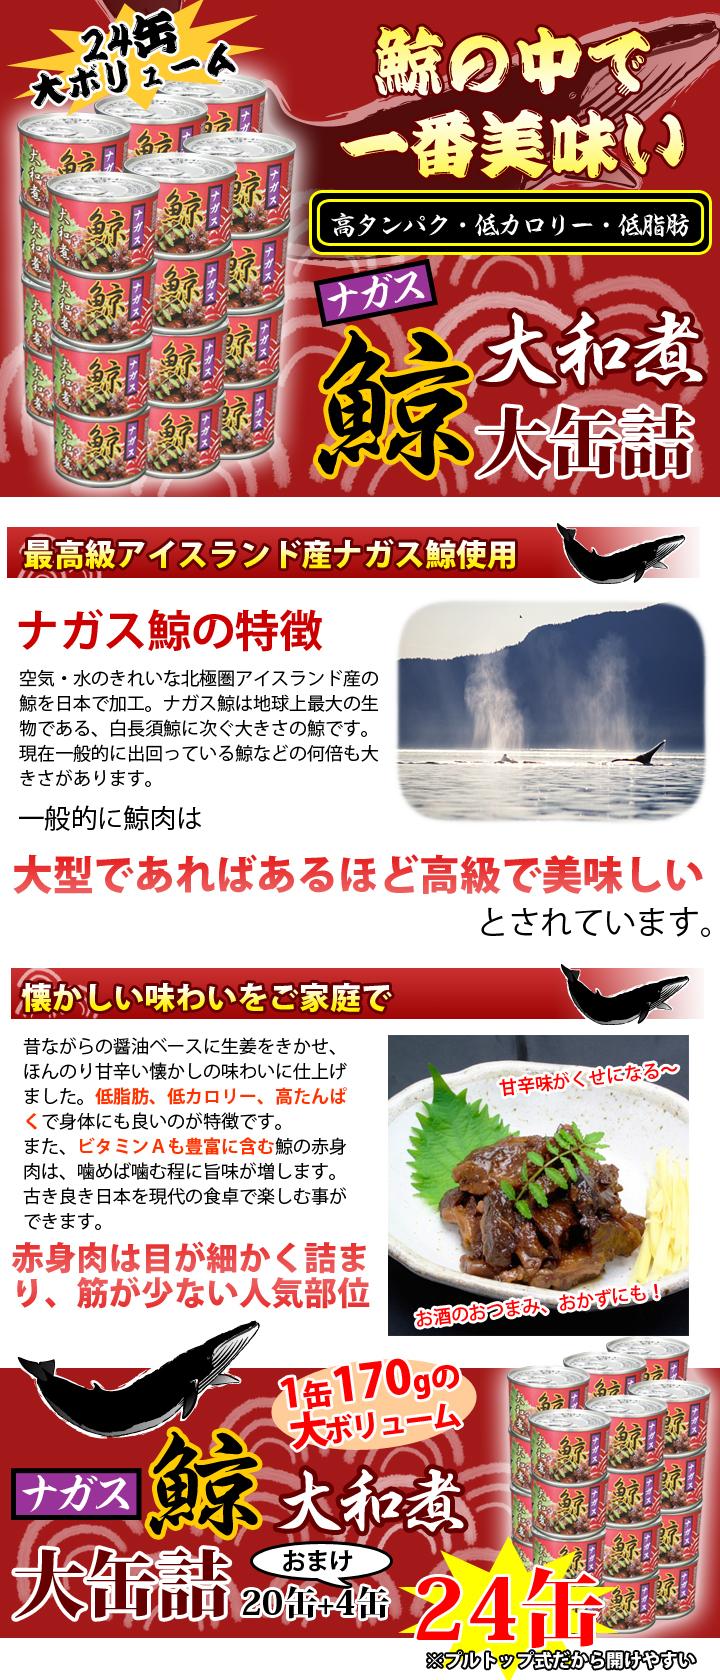 快適生活のナガス鯨大和煮大缶詰24(20+4)缶